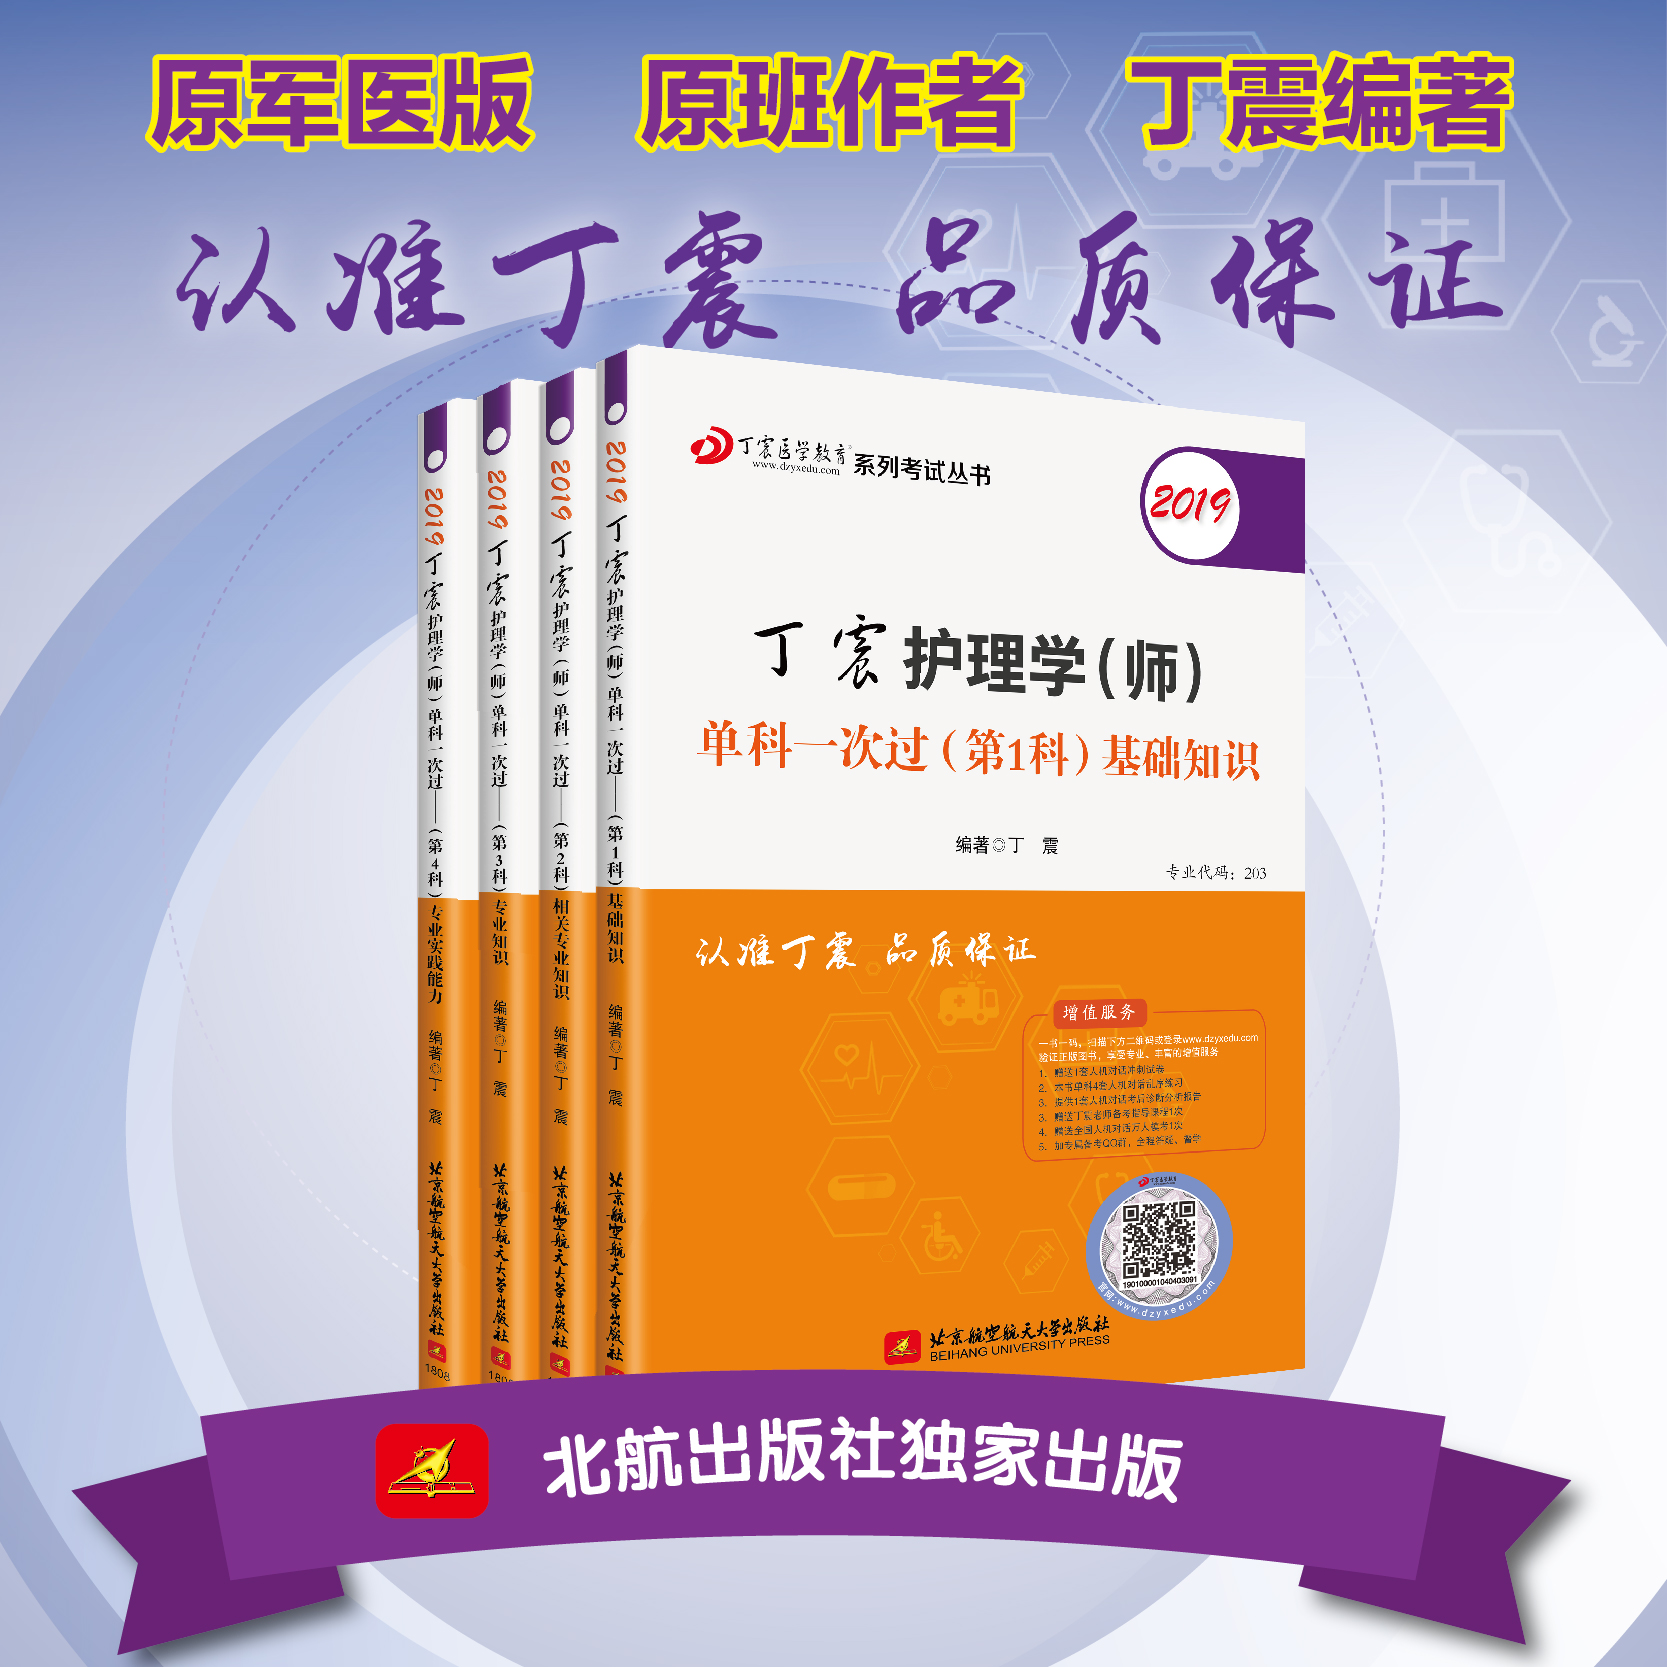 2019丁震护理学(师)单科一次过(第 1科)基础知识